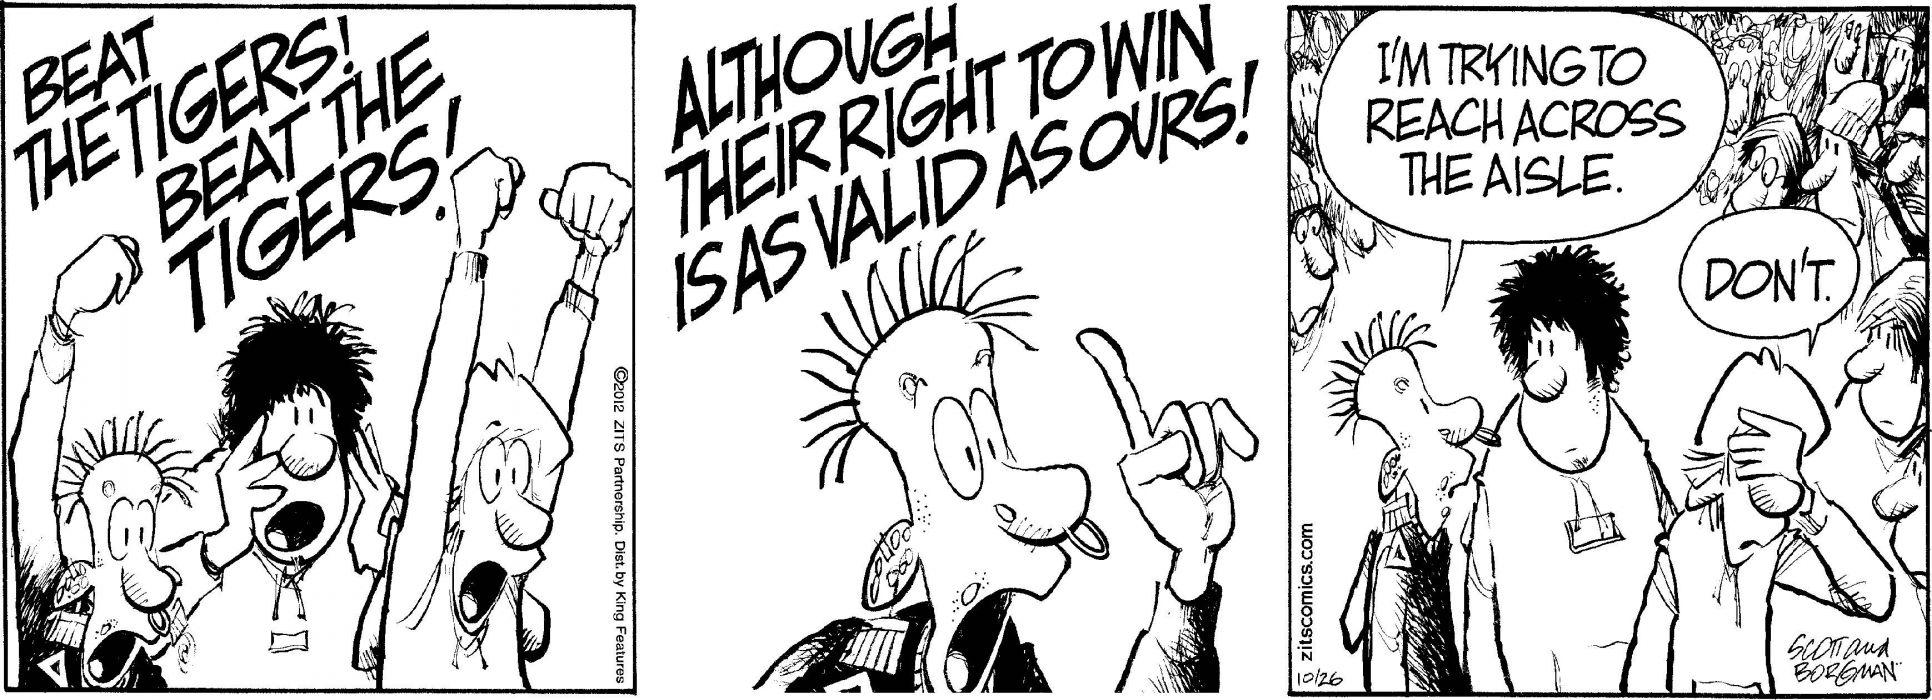 ZITS comicstrip humor funny (34) wallpaper